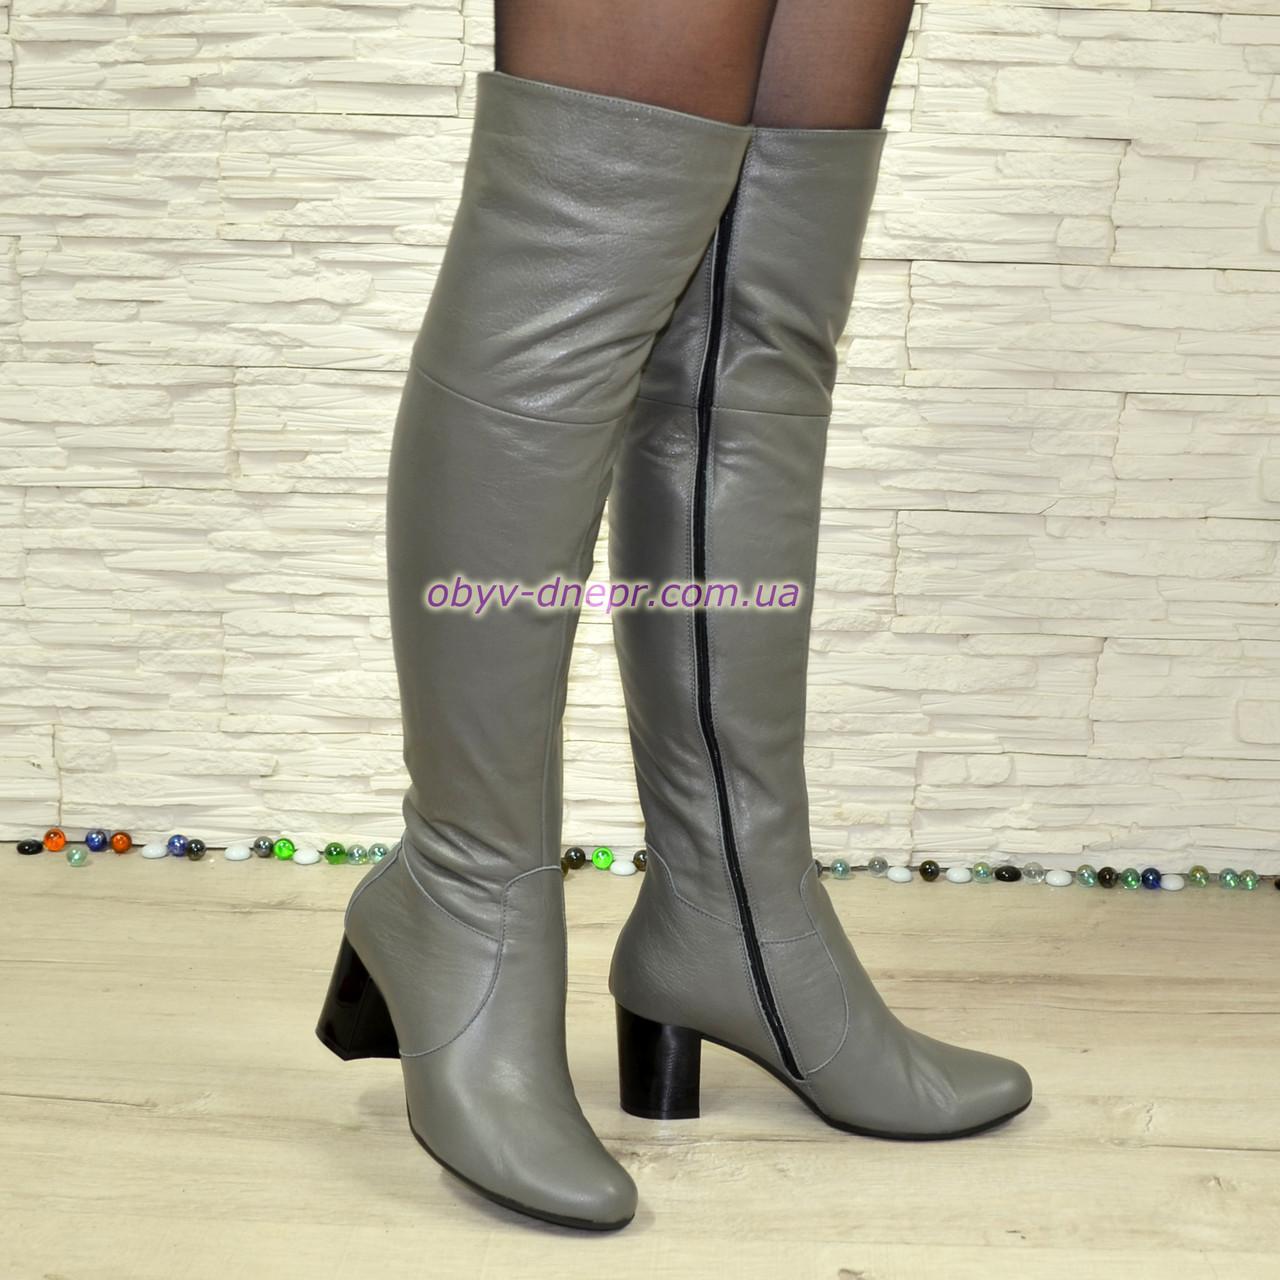 Ботфорты демисезонные кожаные на устойчивом каблуке, цвет серый